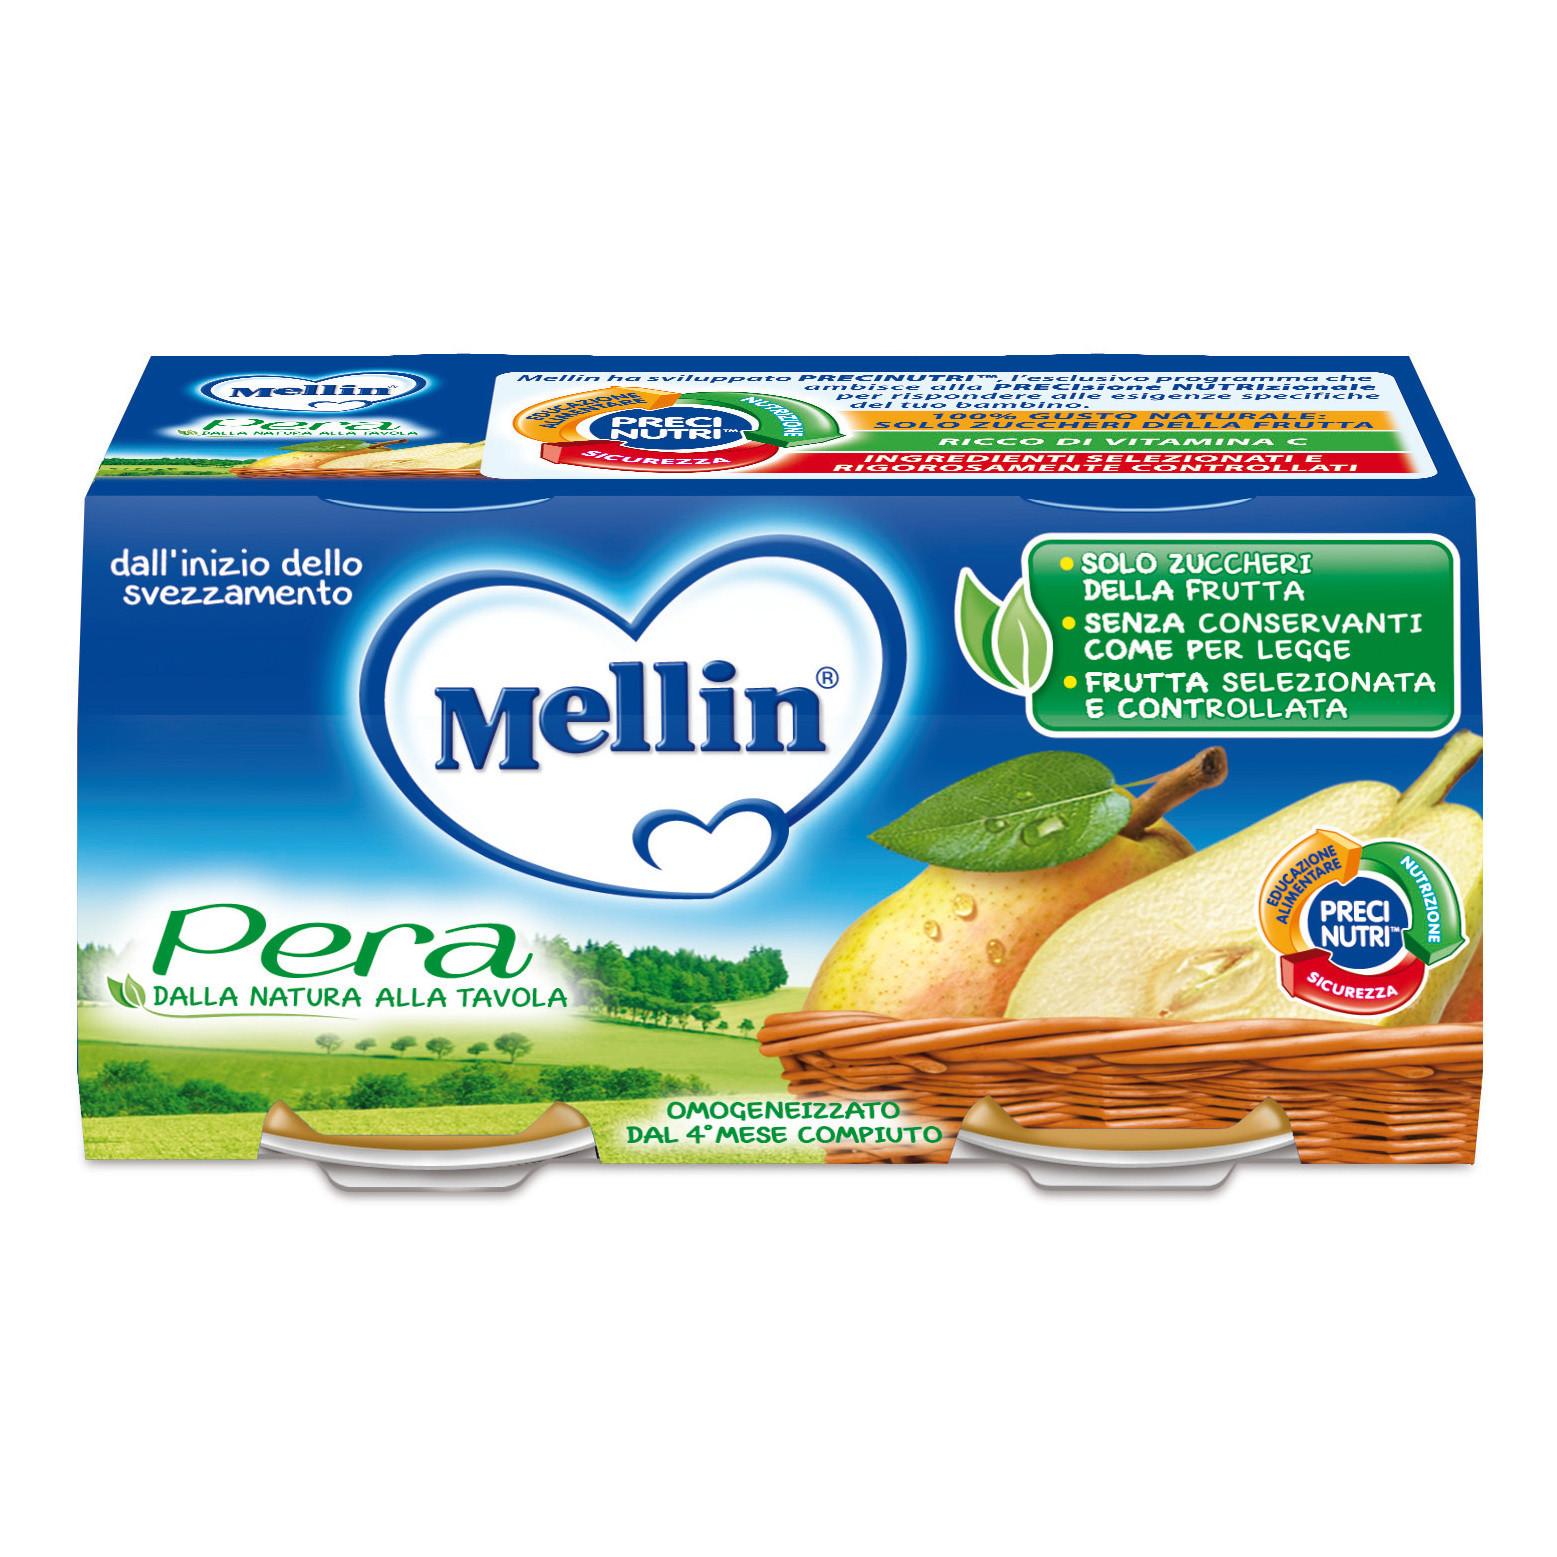 Omogeneizzato Pera Mellin - 2 x 100 g